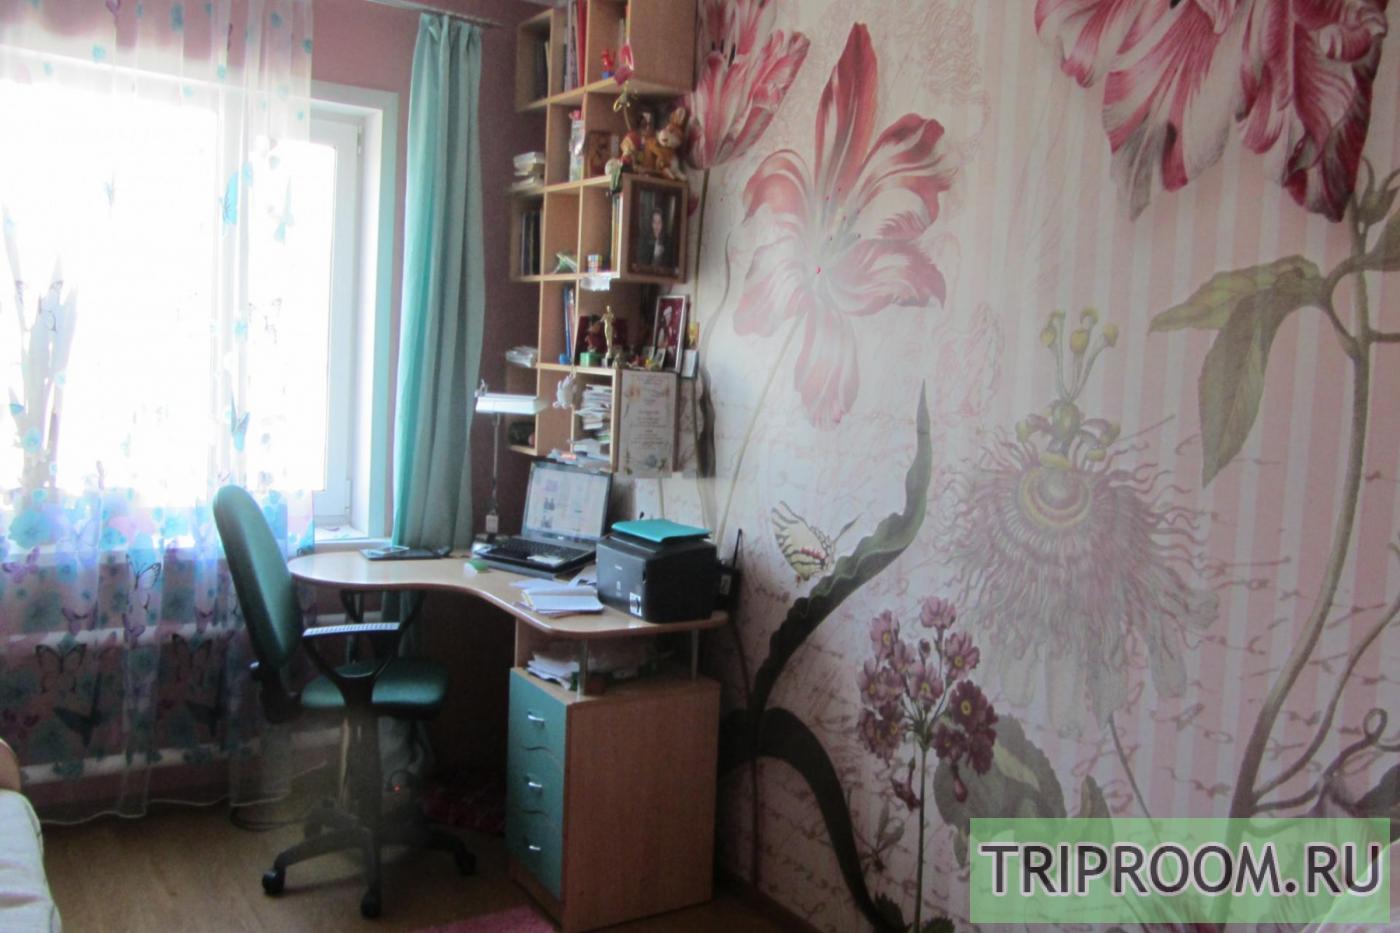 5-комнатный Коттедж посуточно (вариант № 19813), ул. Партизанская улица, фото № 4